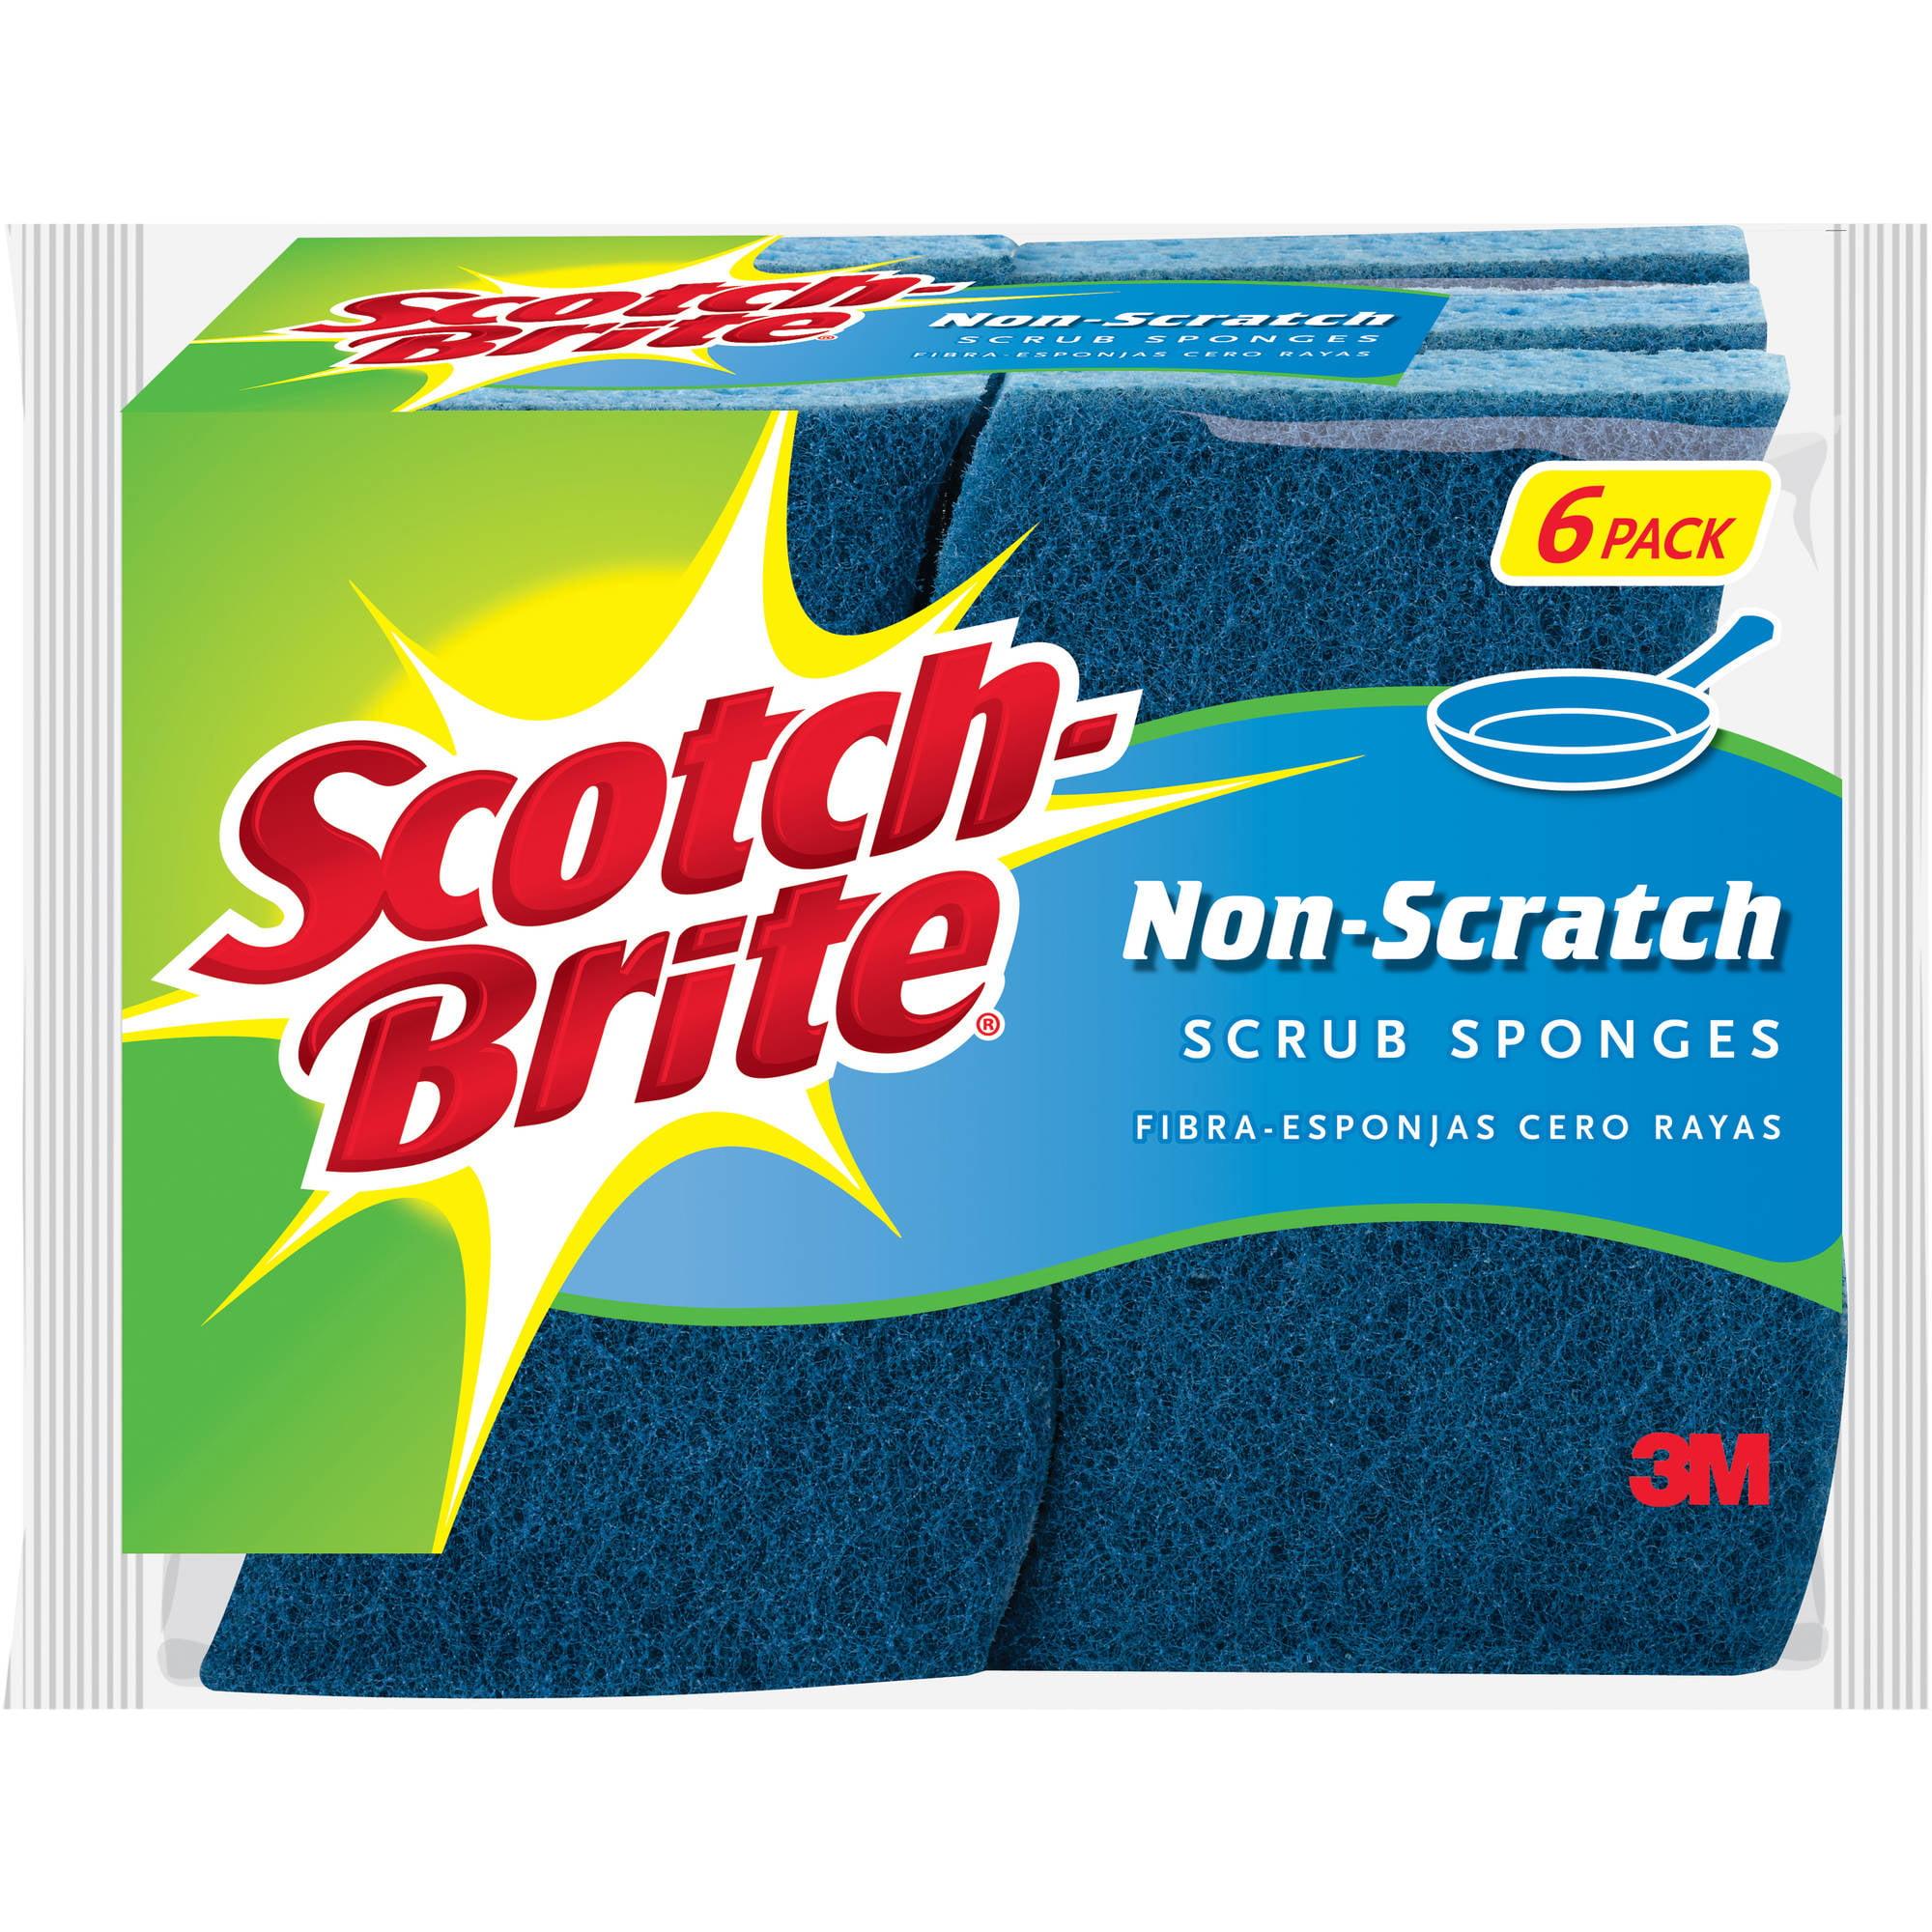 Scotch-Brite No Scratch Multi-Purpose Scrub Sponges, 6 pack